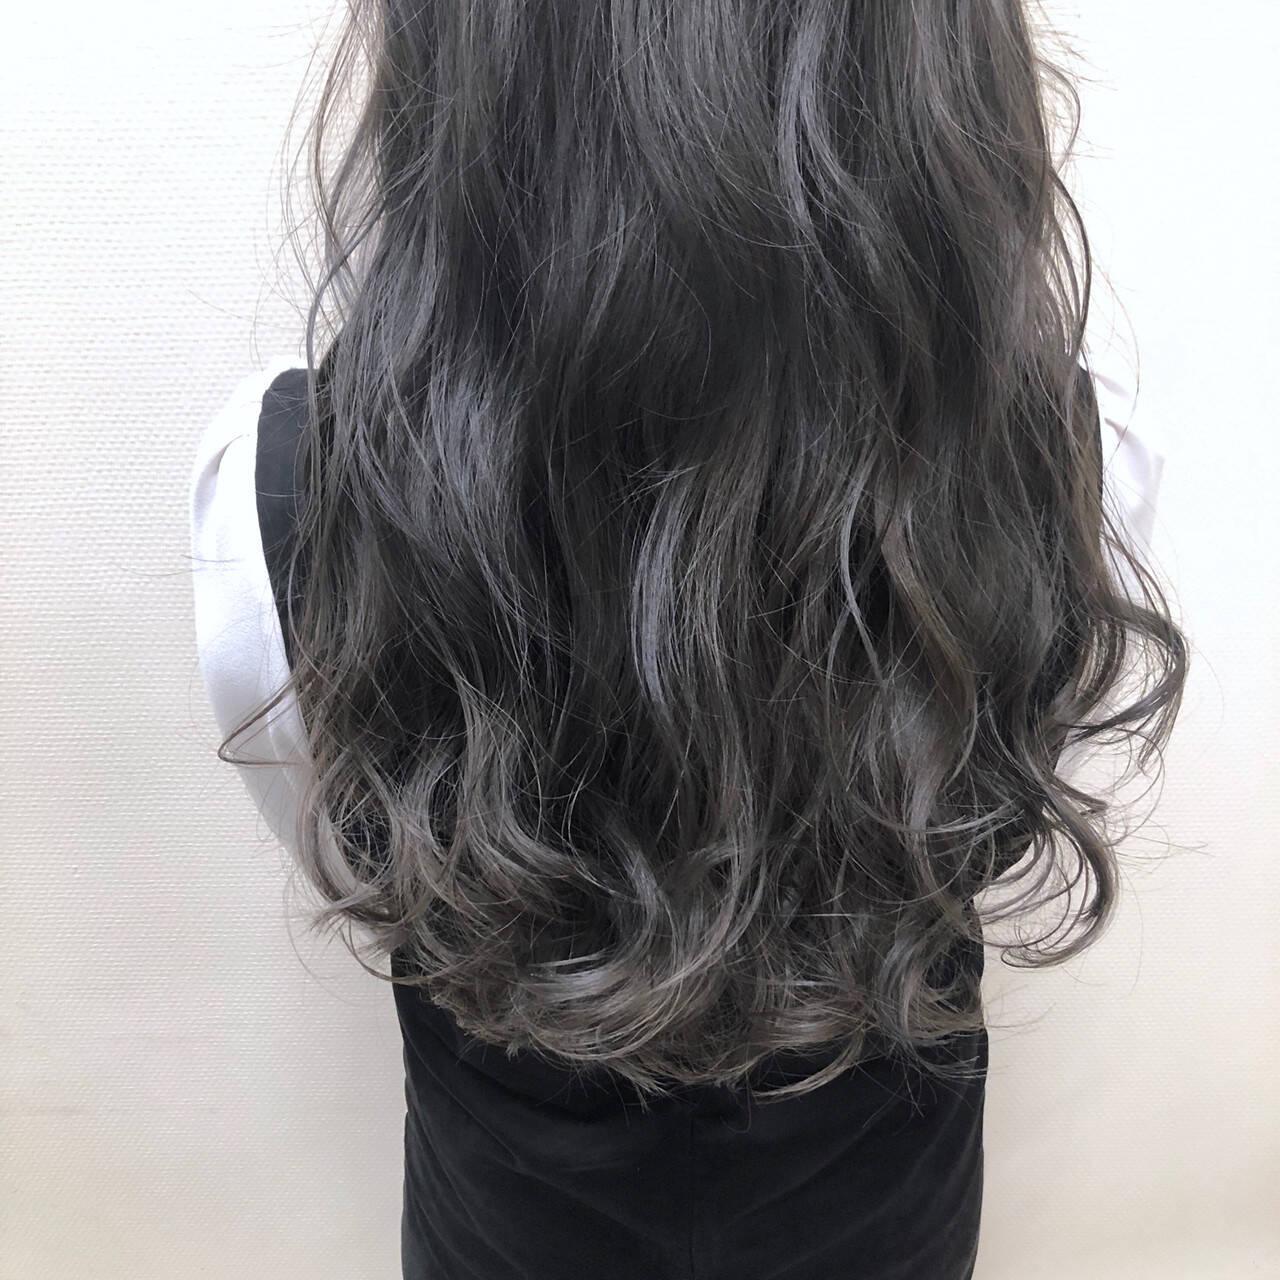 アッシュベージュ グレー ヘアアレンジ グラデーションカラーヘアスタイルや髪型の写真・画像